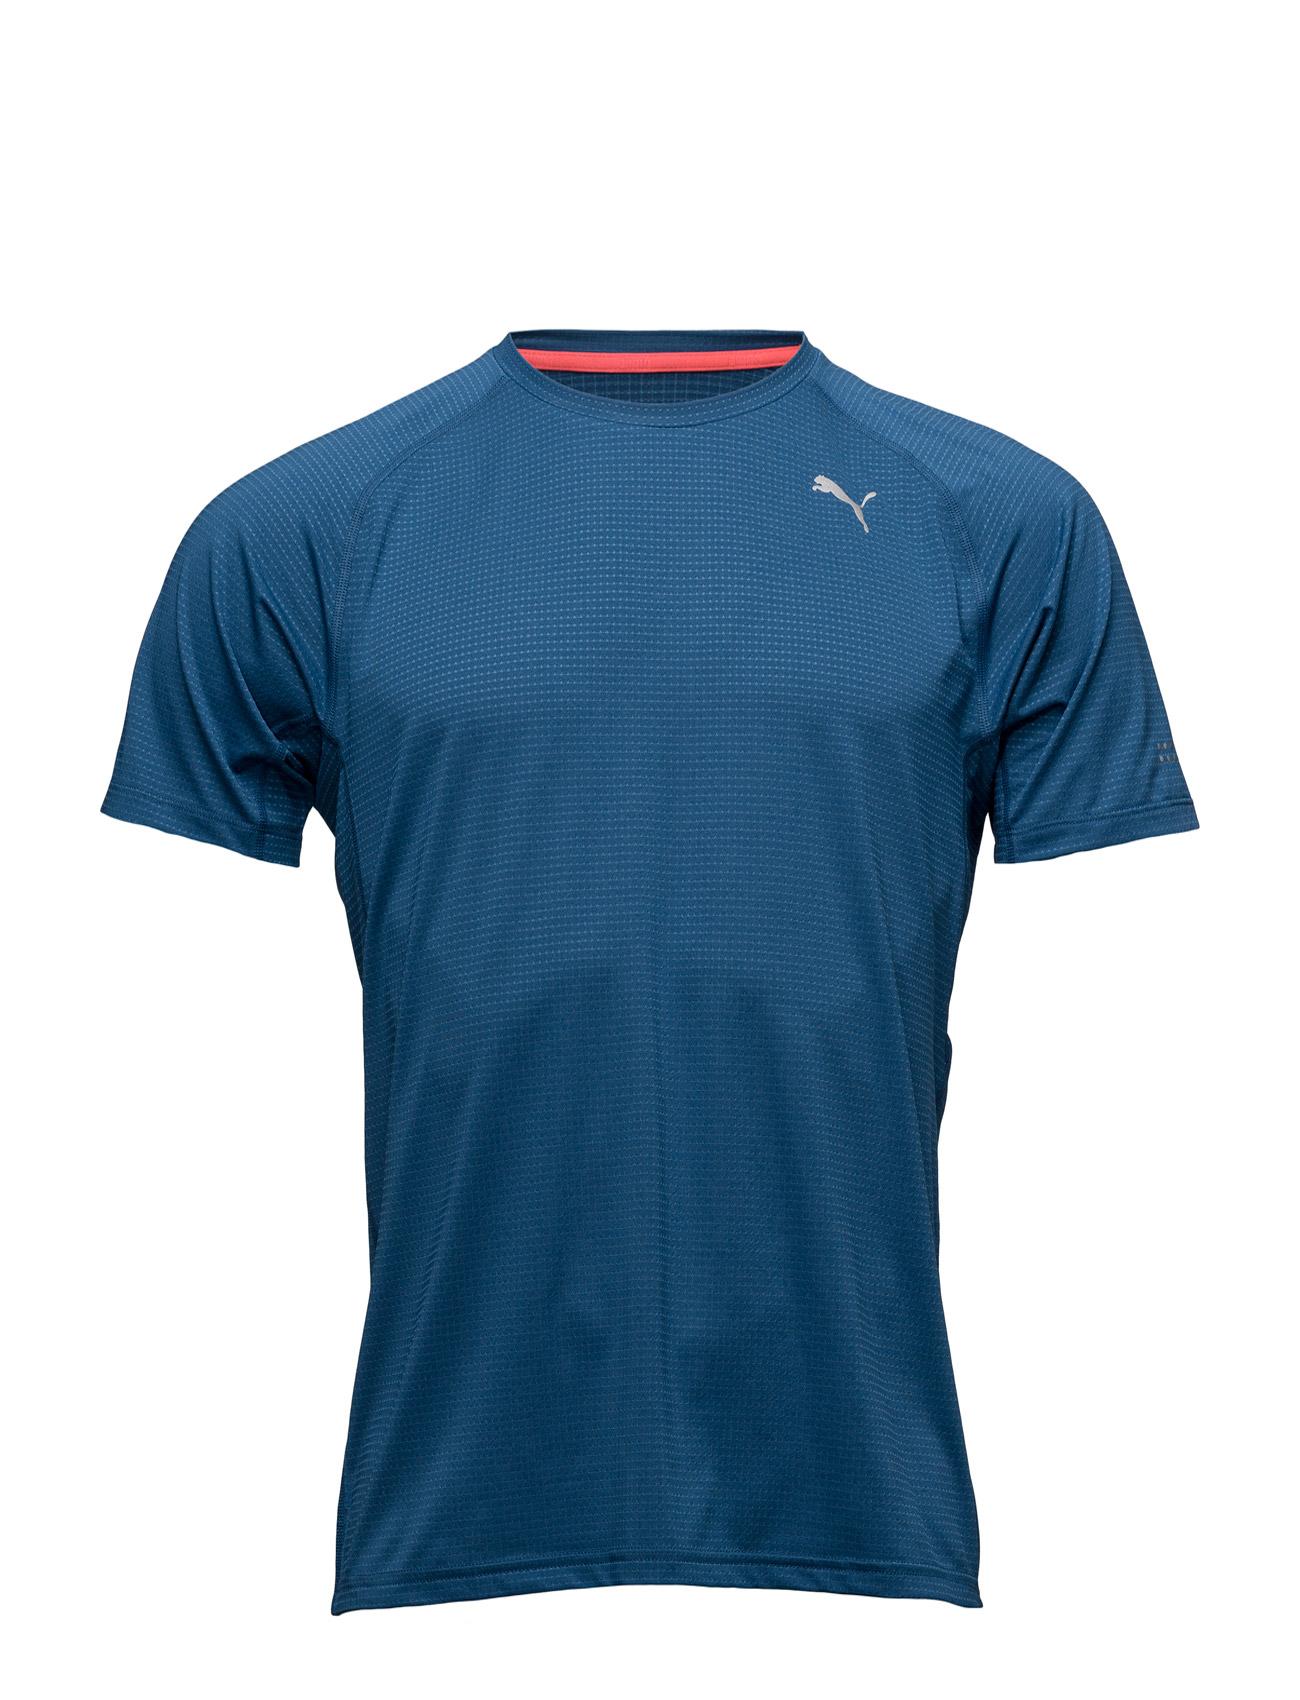 Speed S/S Tee PUMA SPORT Løbe t-shirts til Herrer i